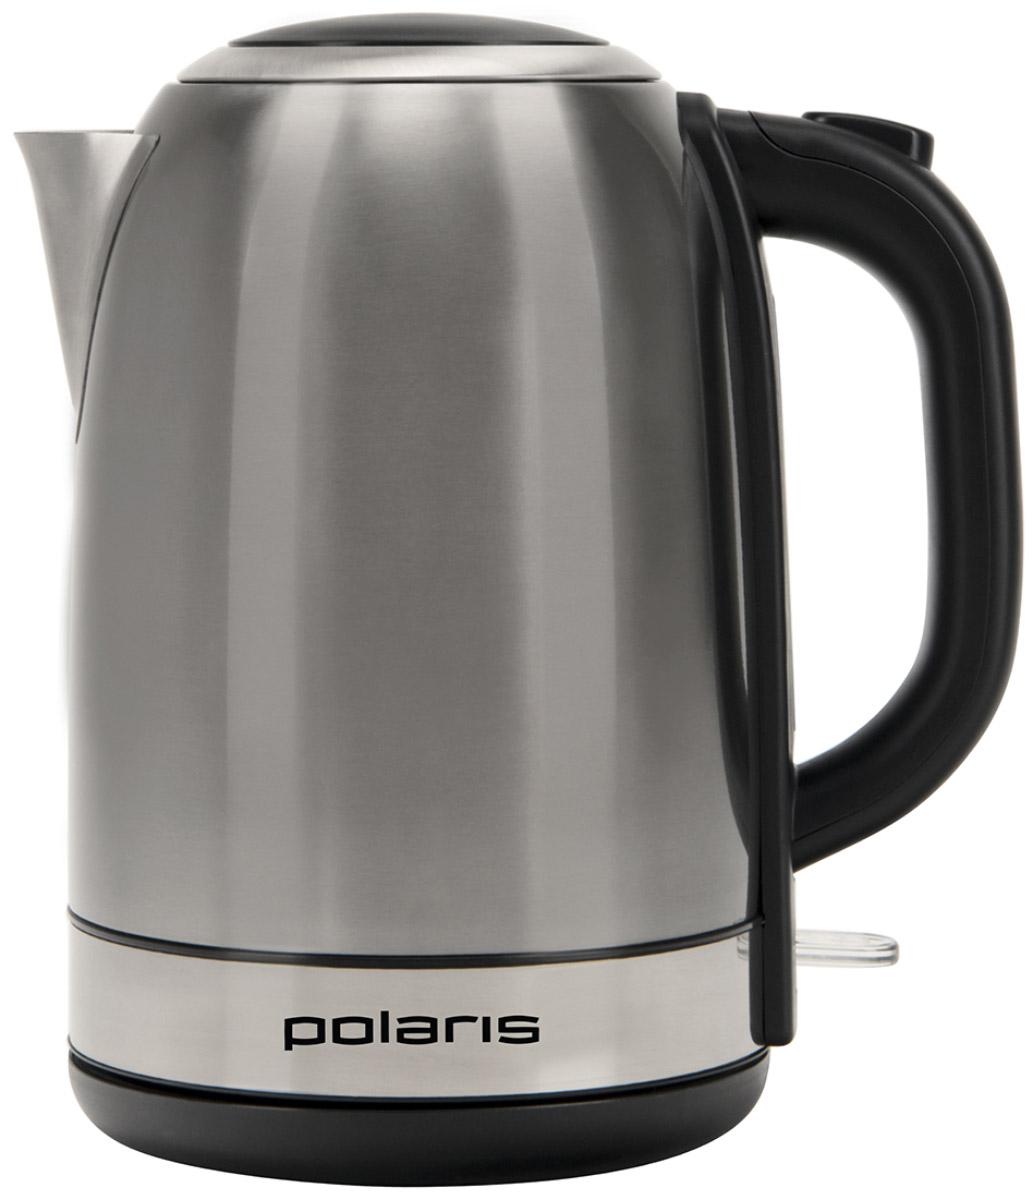 Polaris PWK 1859CA электрический чайник008502Стильный чайник Polaris PWK 1859CA в стильном корпусе из высококачественной нержавеющей стали создаст особую атмосферу и подчеркнет индивидуальность вашей кухни.Удобный в использовании чайник имеет отсек для хранения шнура и вращающийся корпус, который поворачивается на 360°, что делает его очень удобной моделью.Но самым главным достоинством этого чайника является фильтр для очистки воды, который очистит жесткую водопроводную воду от вредных элементов.